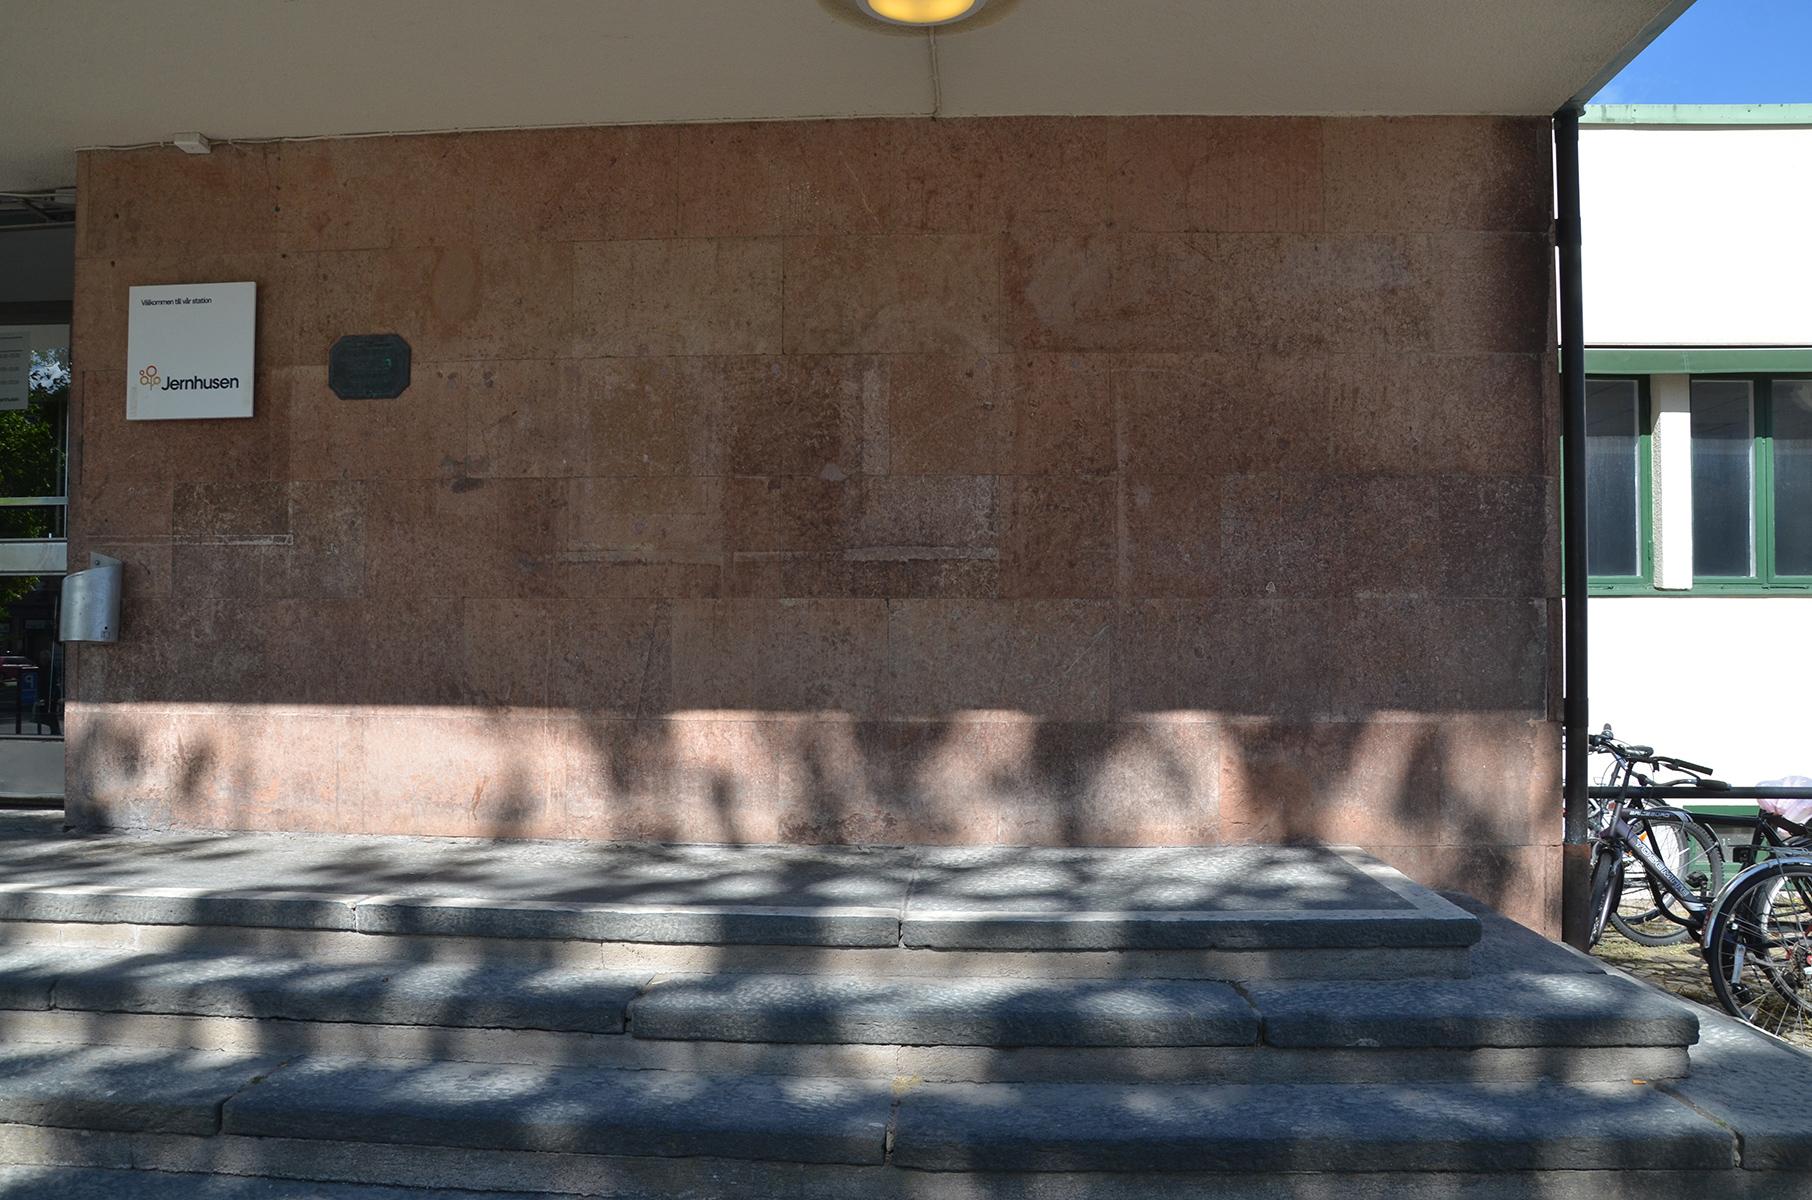 Fasaden består av stenplattor.